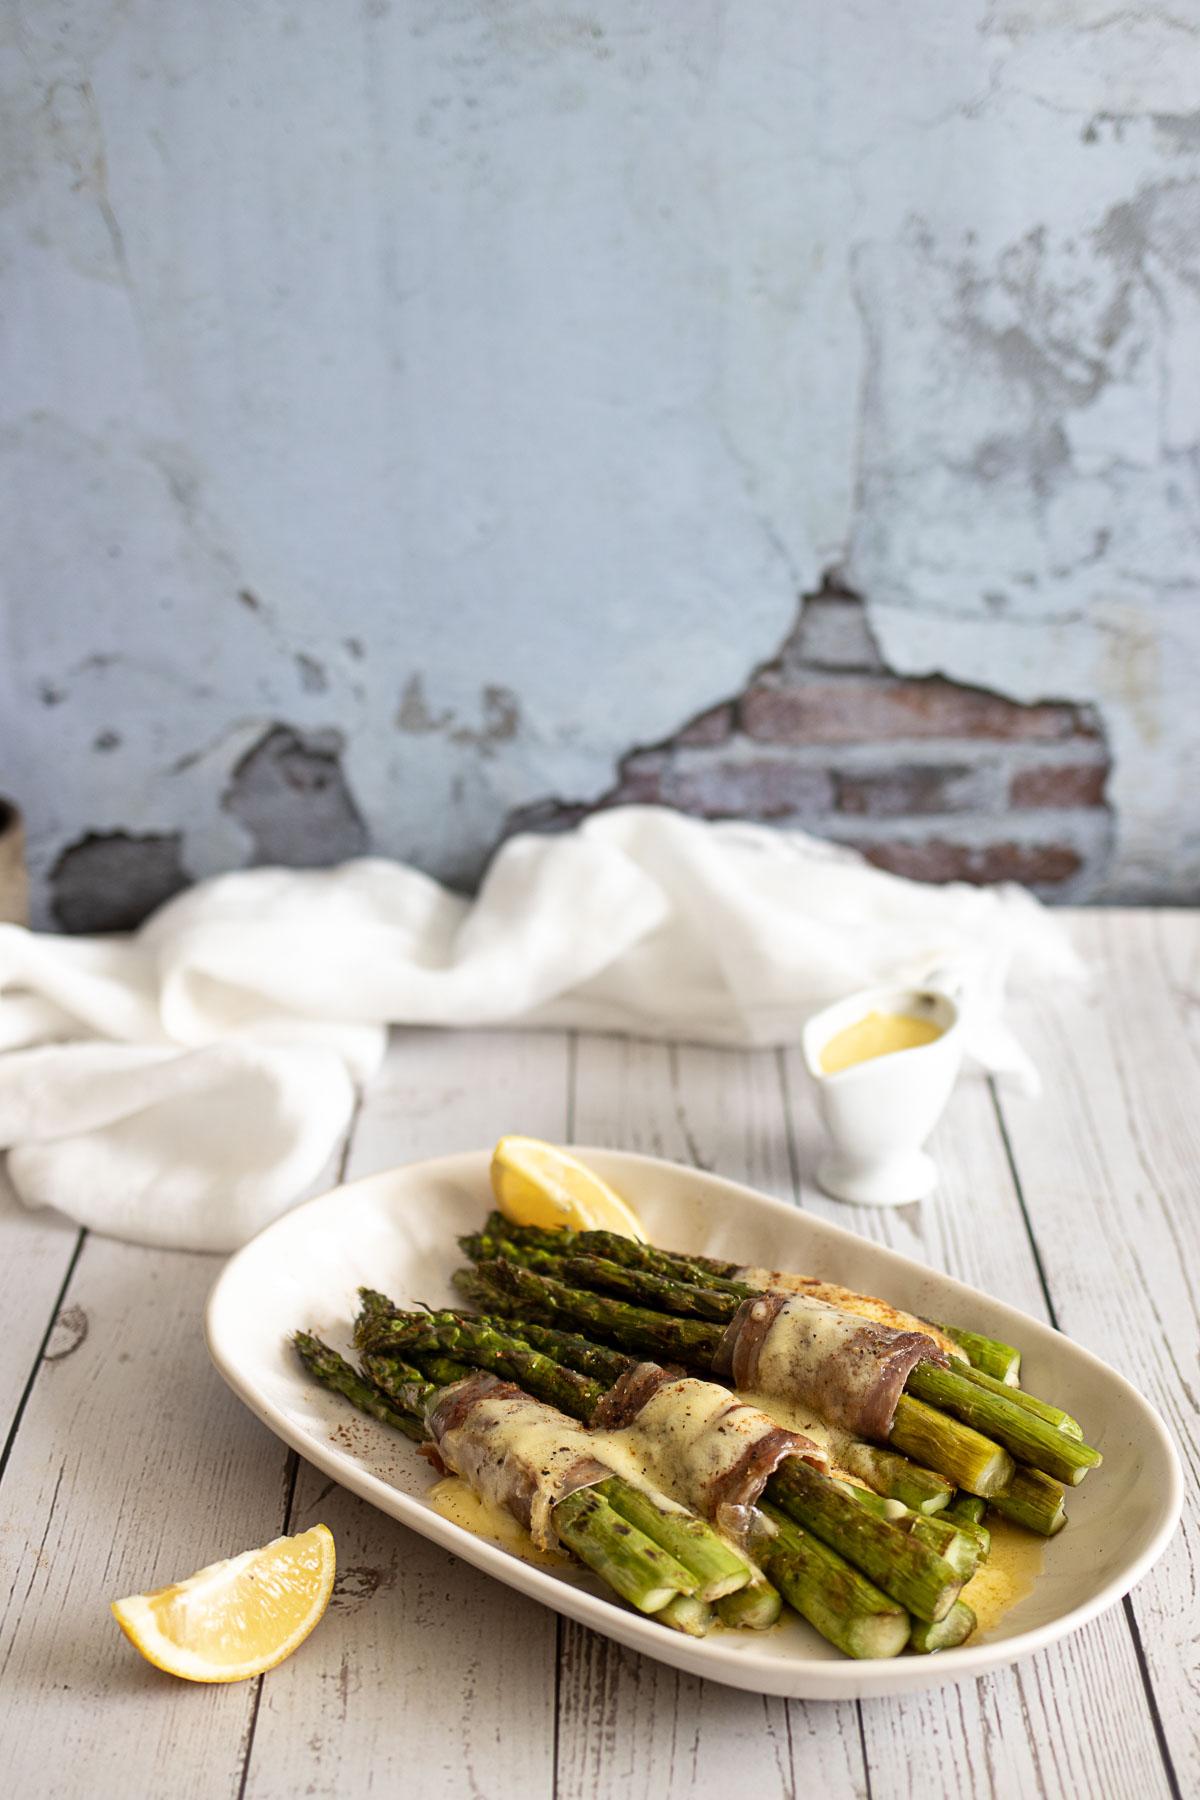 Asparagus and Parma ham on a table